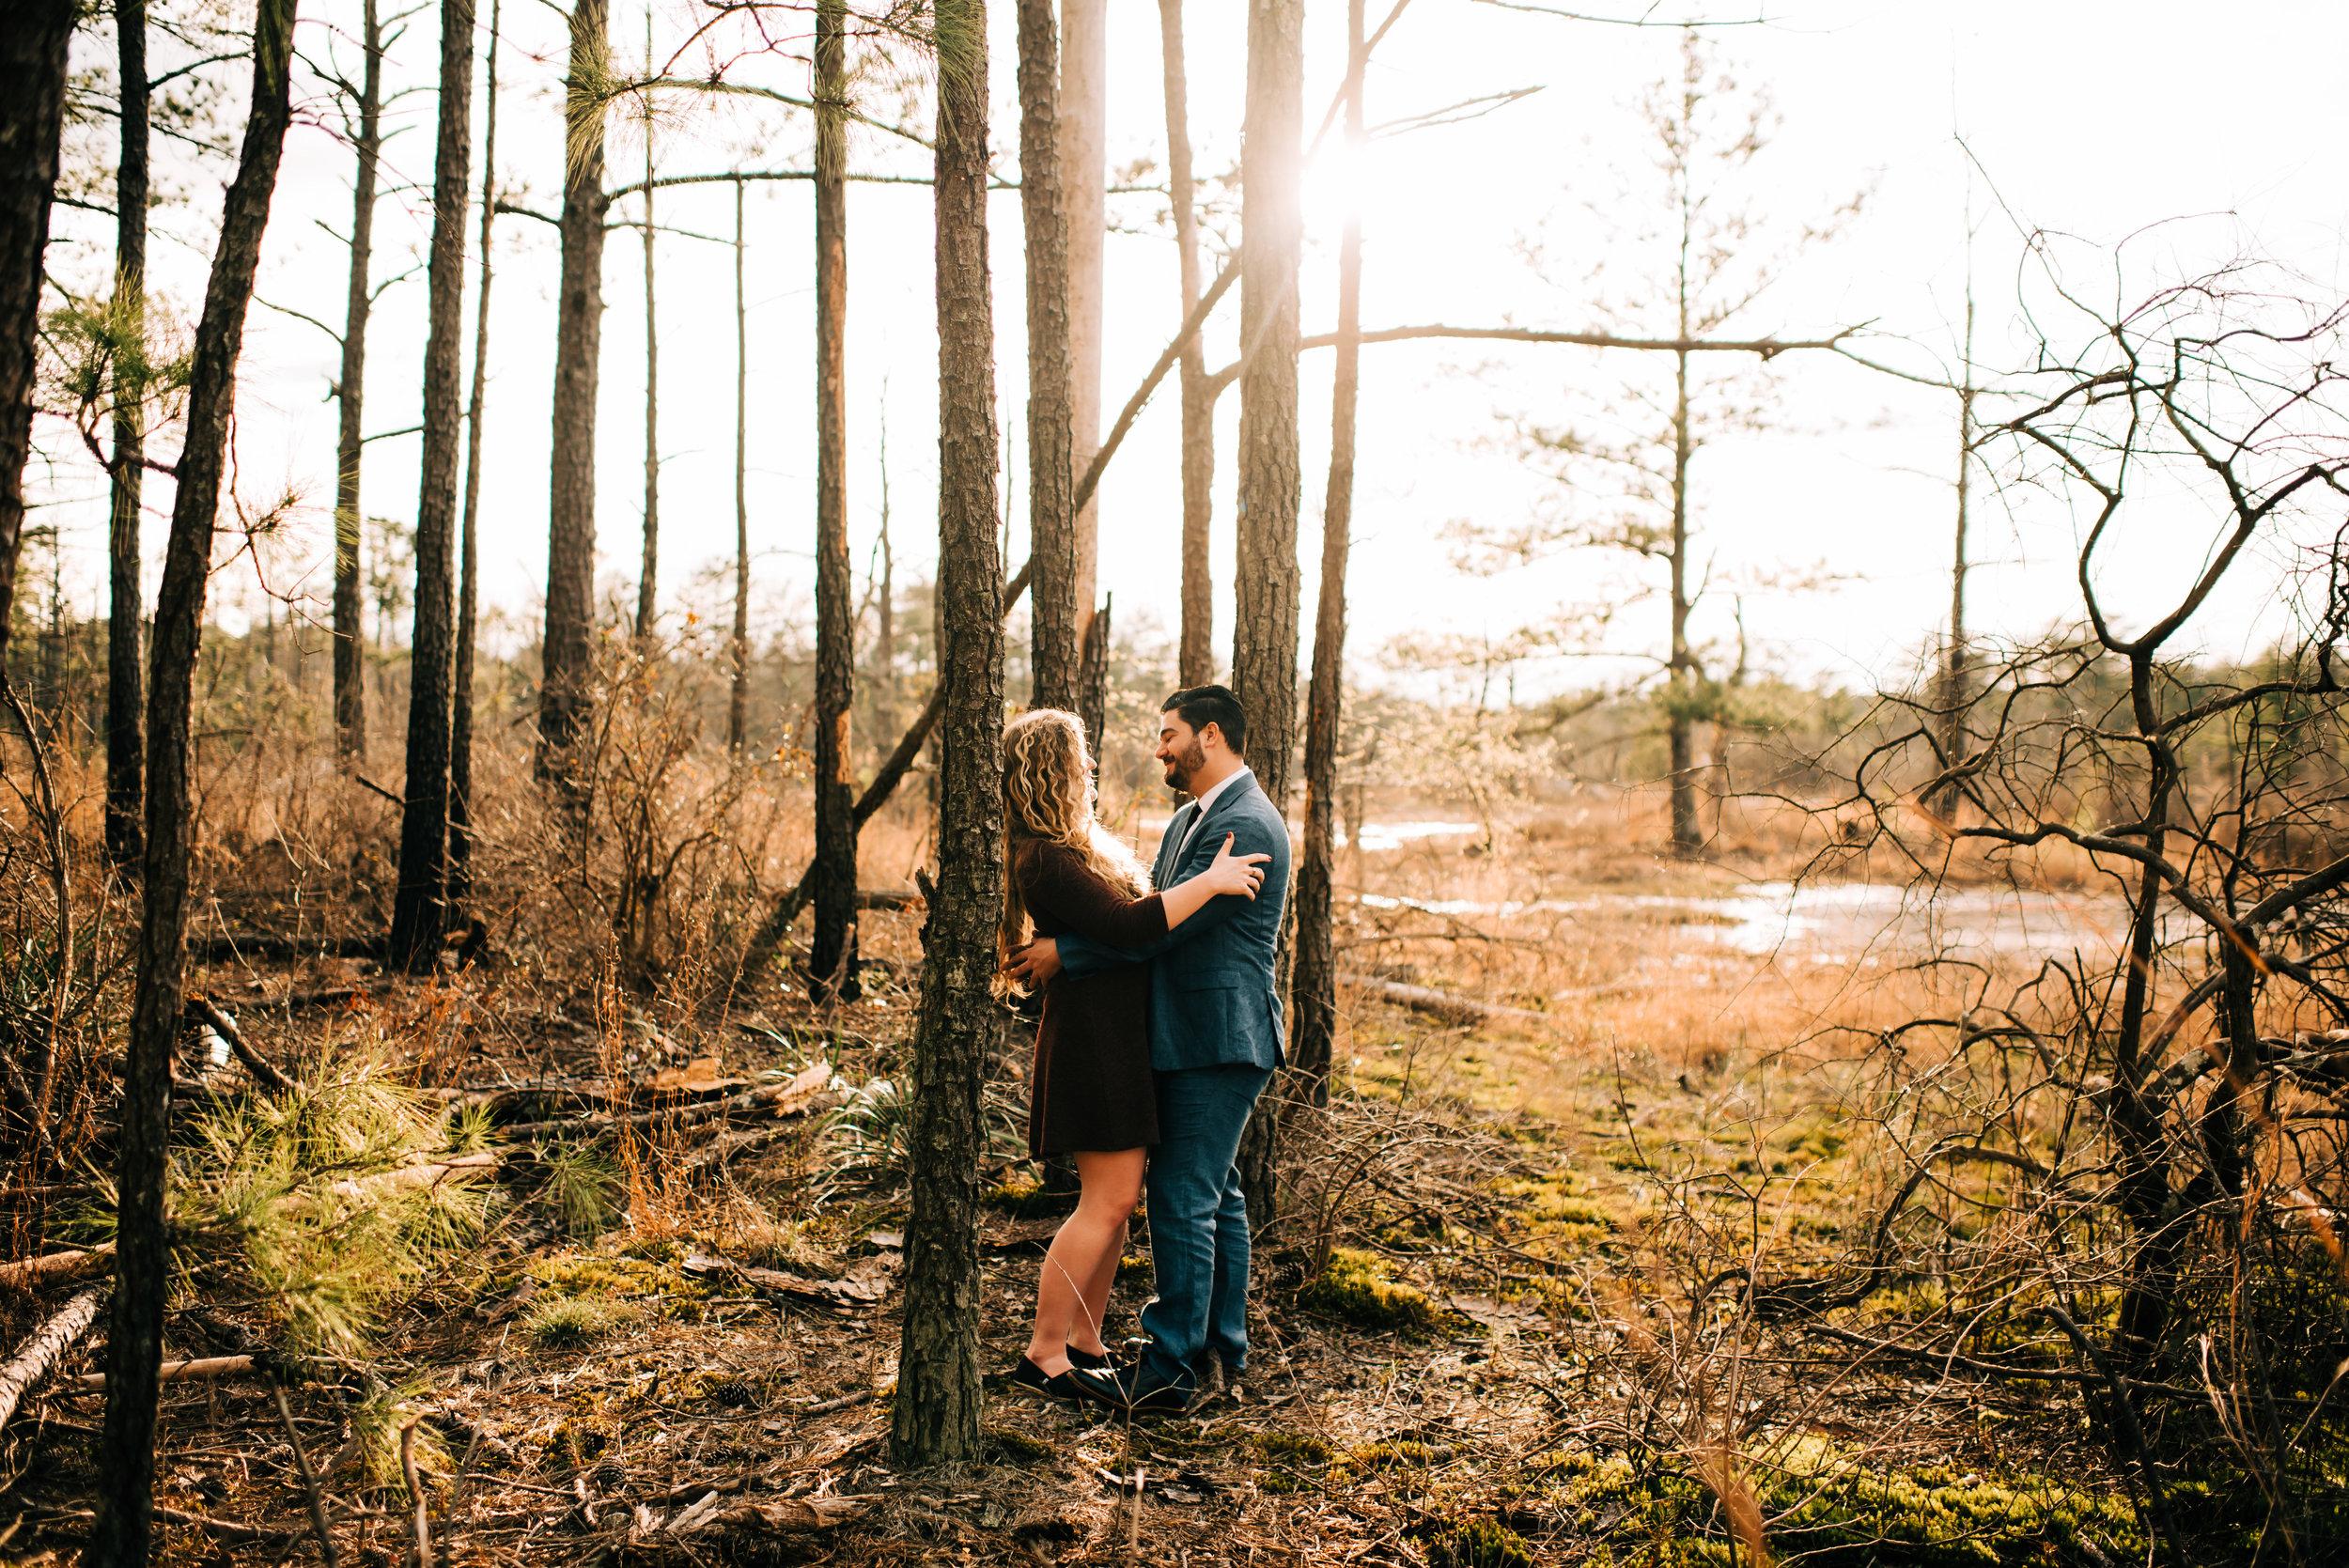 atlanta arabia mountain norht georgia adventure bay area nontraditional wedding photographer southern california boho wedding love light magic san francisco oakland northern california-25.jpg